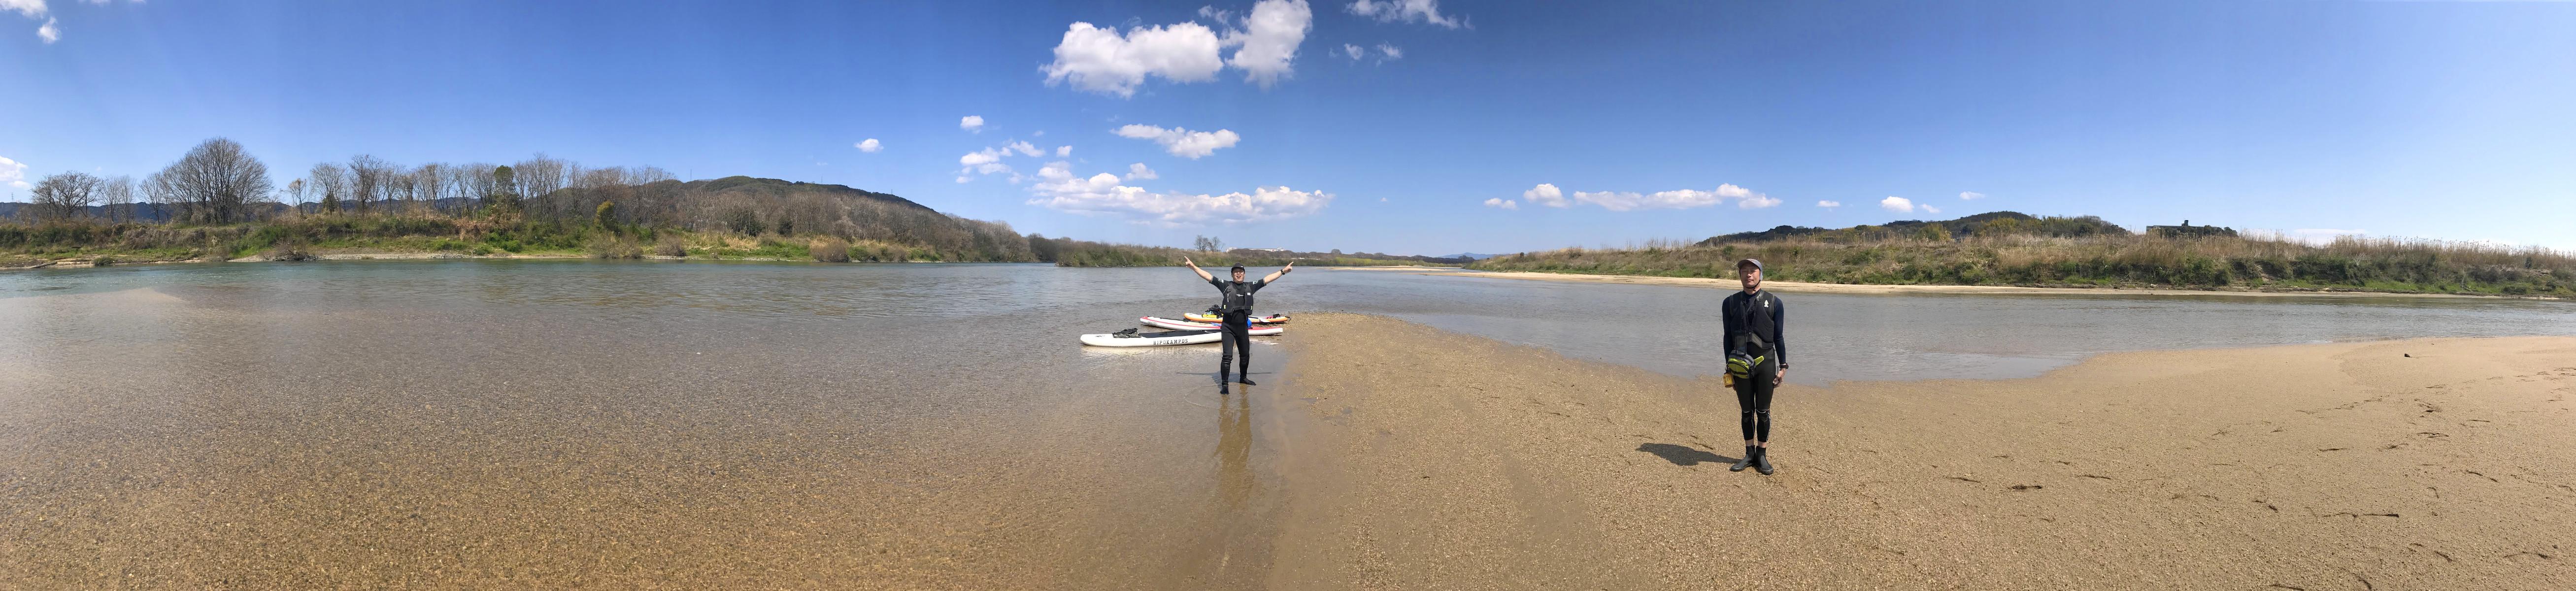 宇治川と木津川の合流部は遠浅でビーチが点在する絶景ポイント